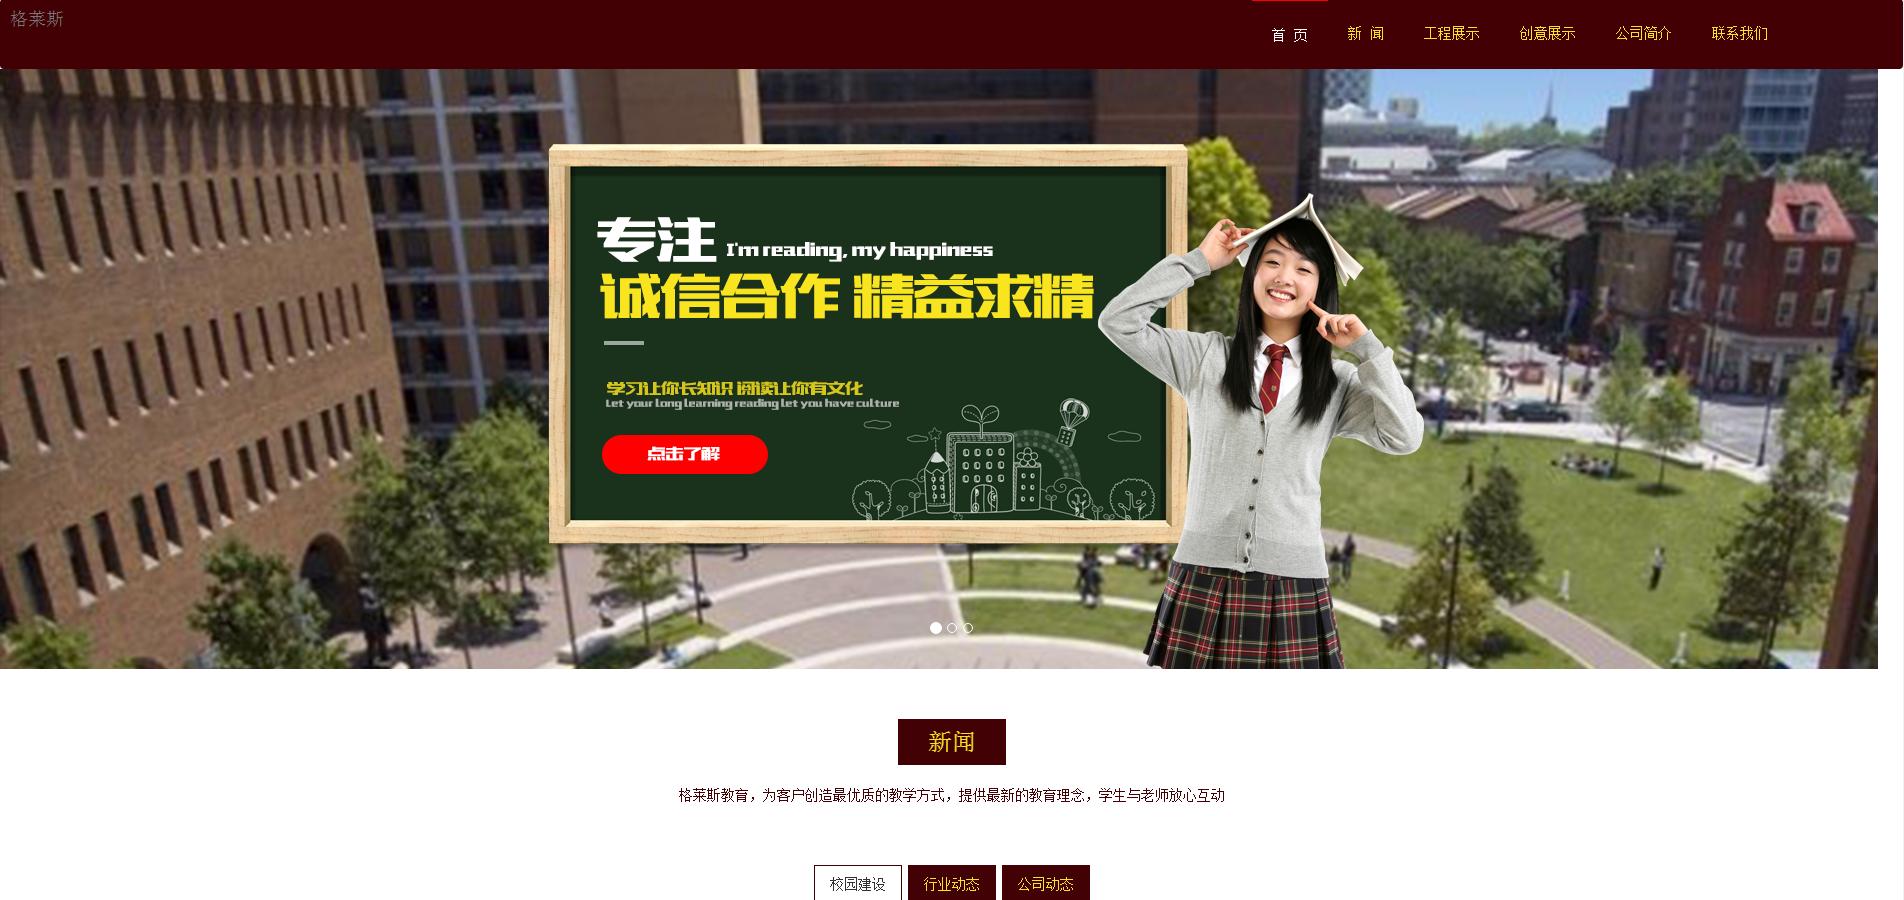 大气响应式教育培训机构网站模板全套下载